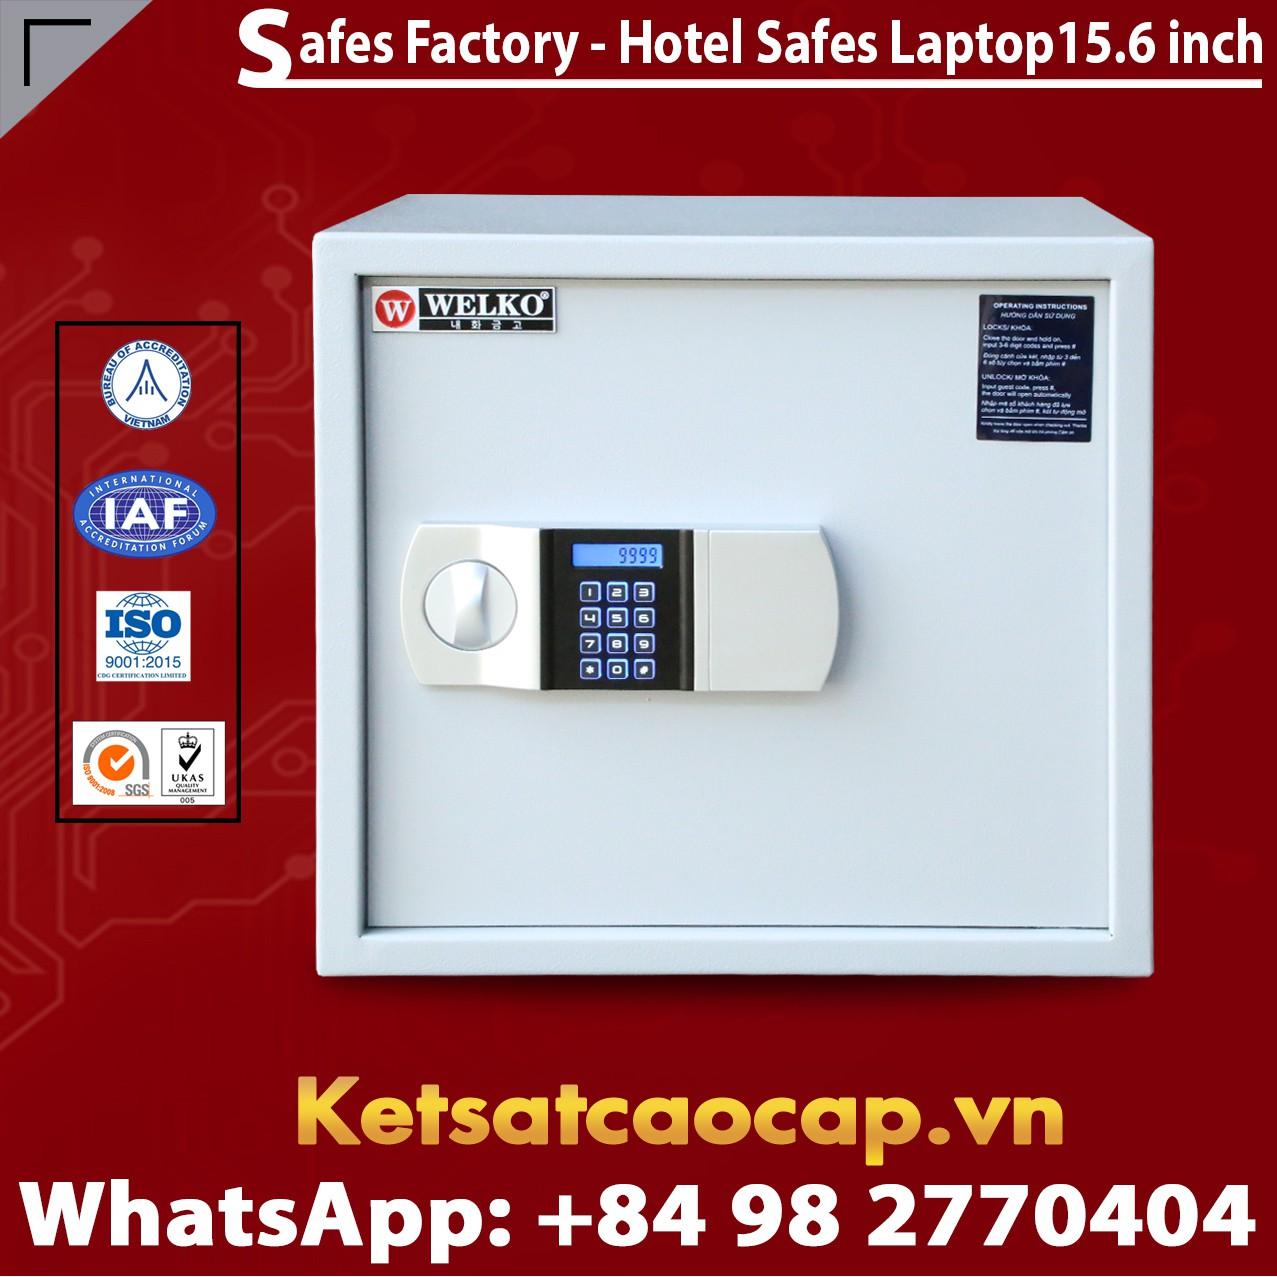 Két Sắt Khách Sạn Hotel Safes WELKO Laptop 15.6 Inch